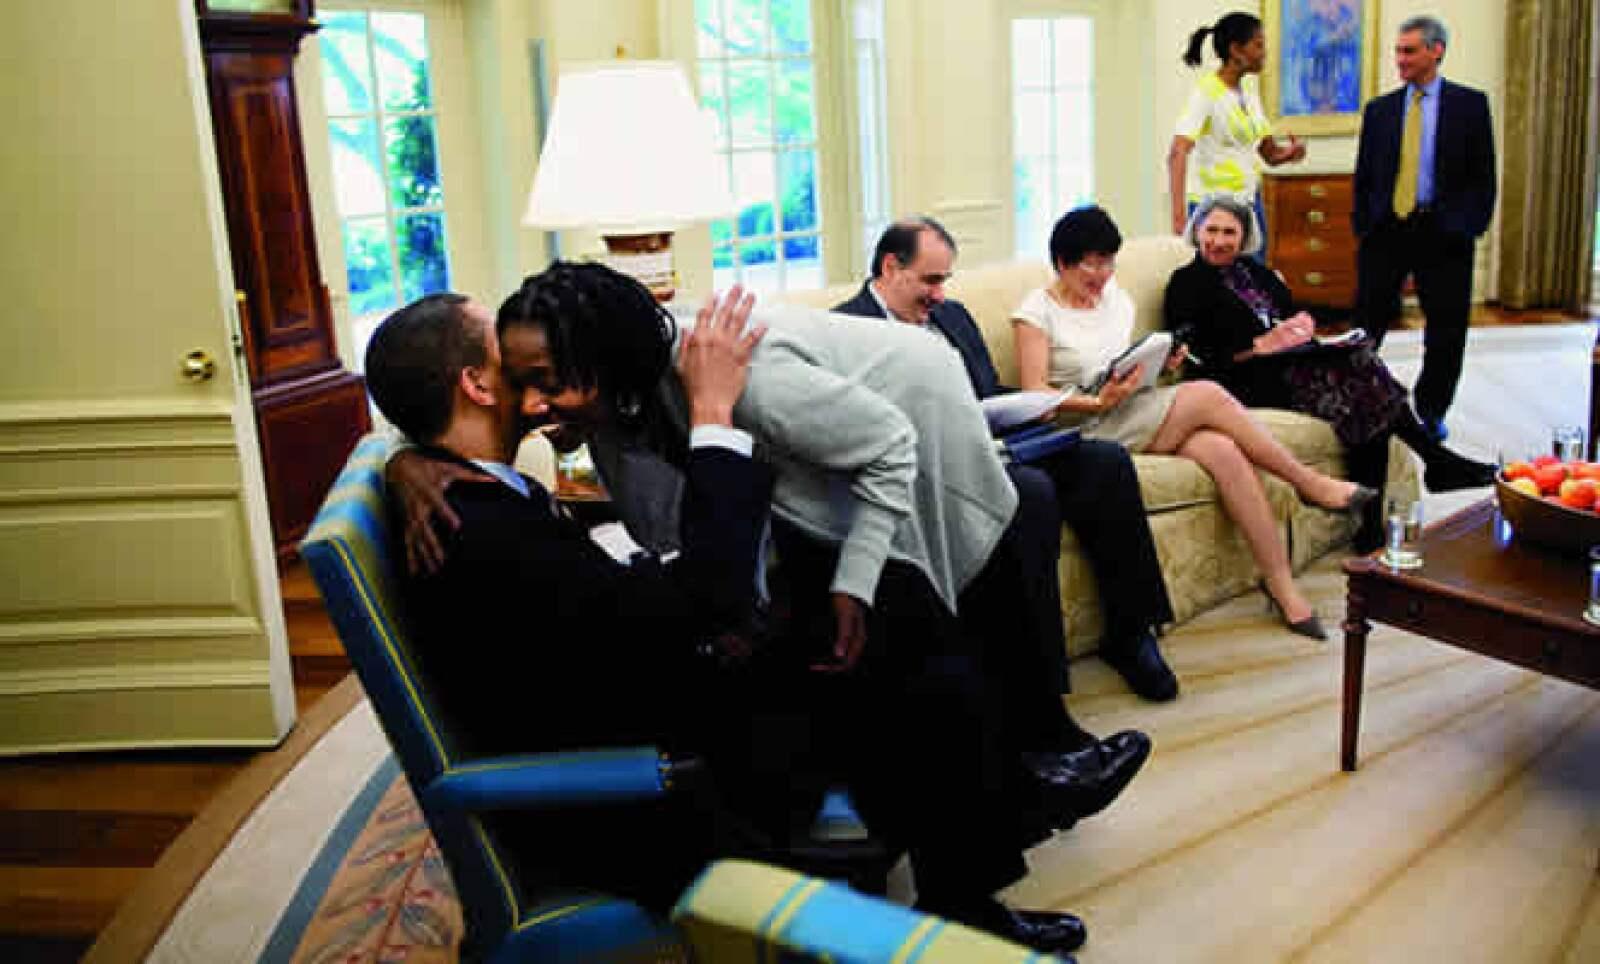 Auma Barack es la media hermana más cercana de Obama, aunque la conoció personalmente en Chicago hace apenas dos décadas.